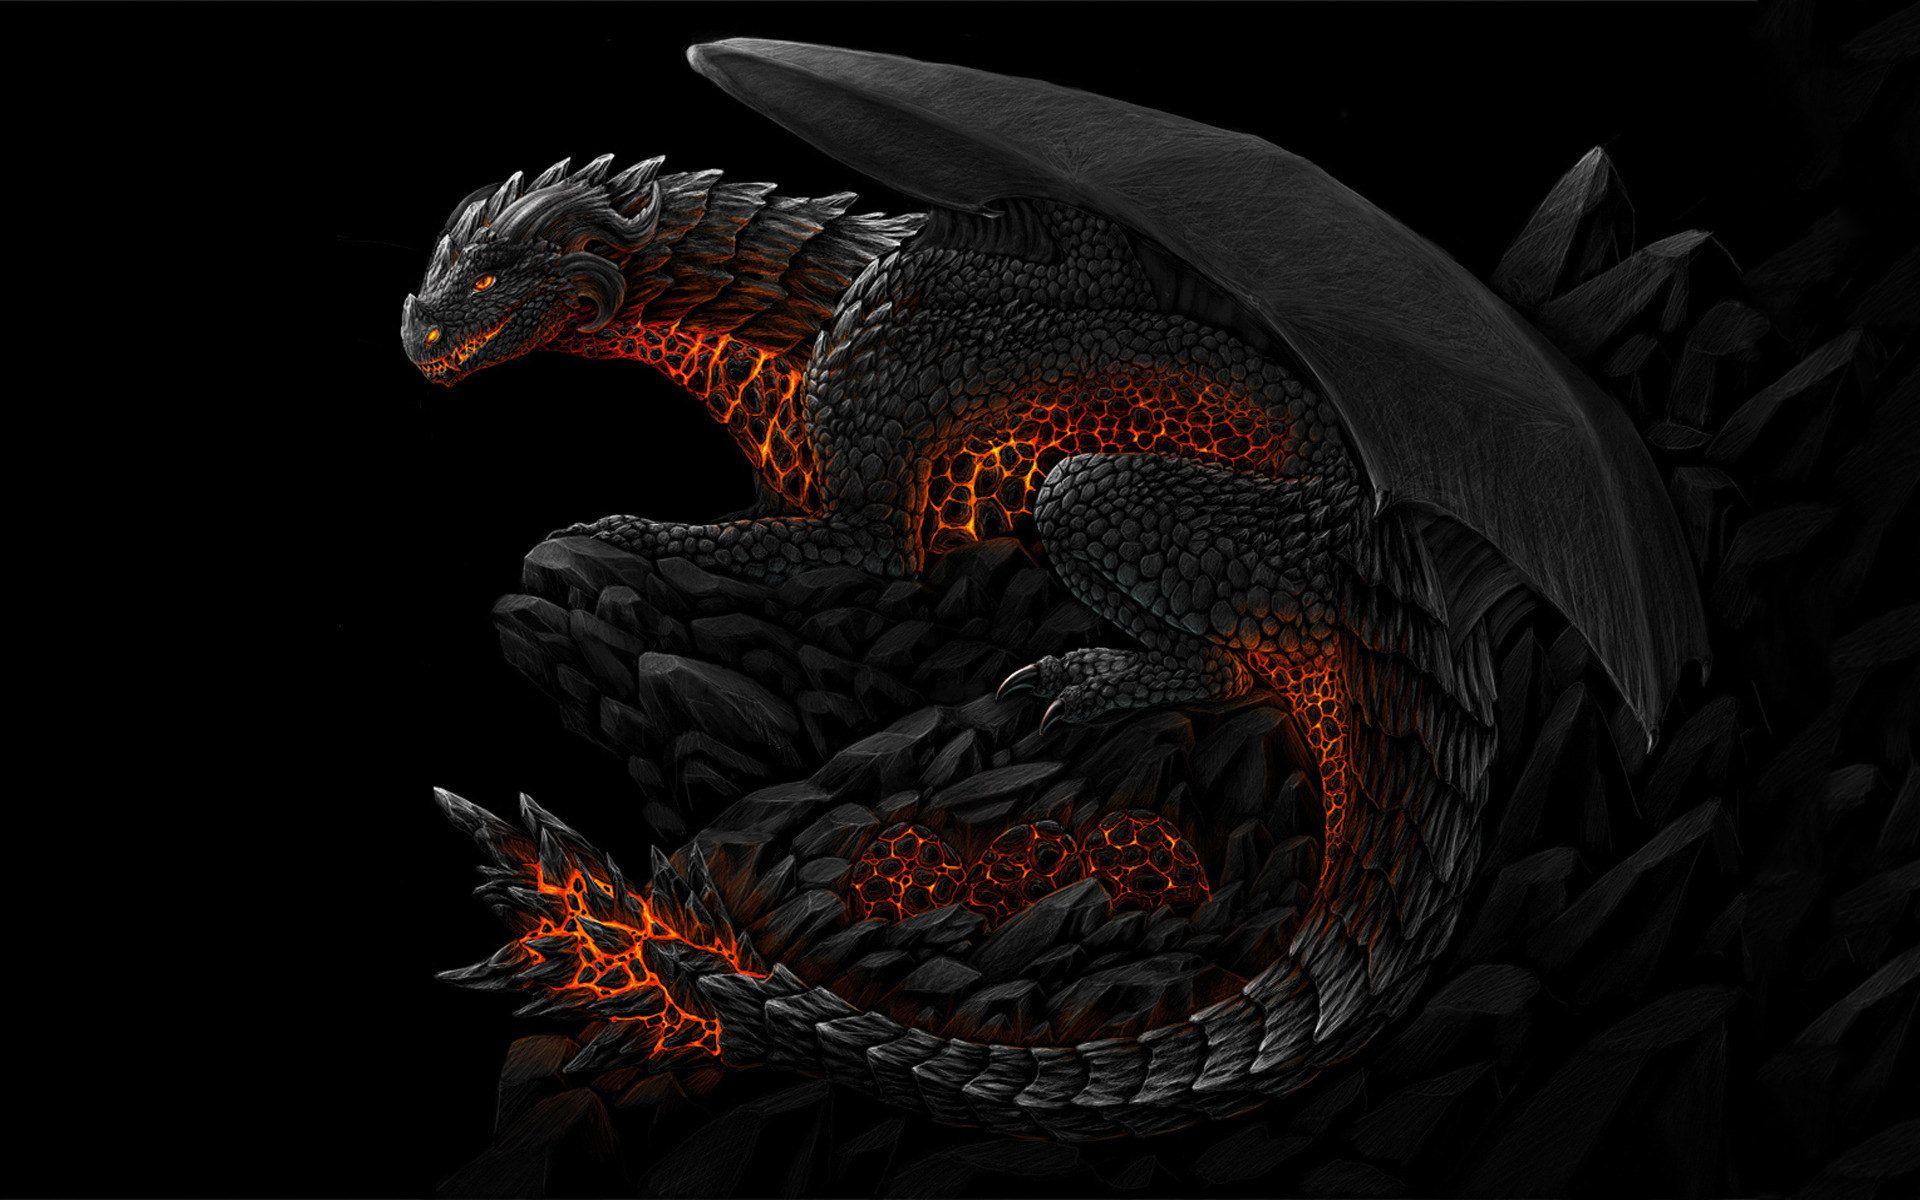 fond d ecran dragon